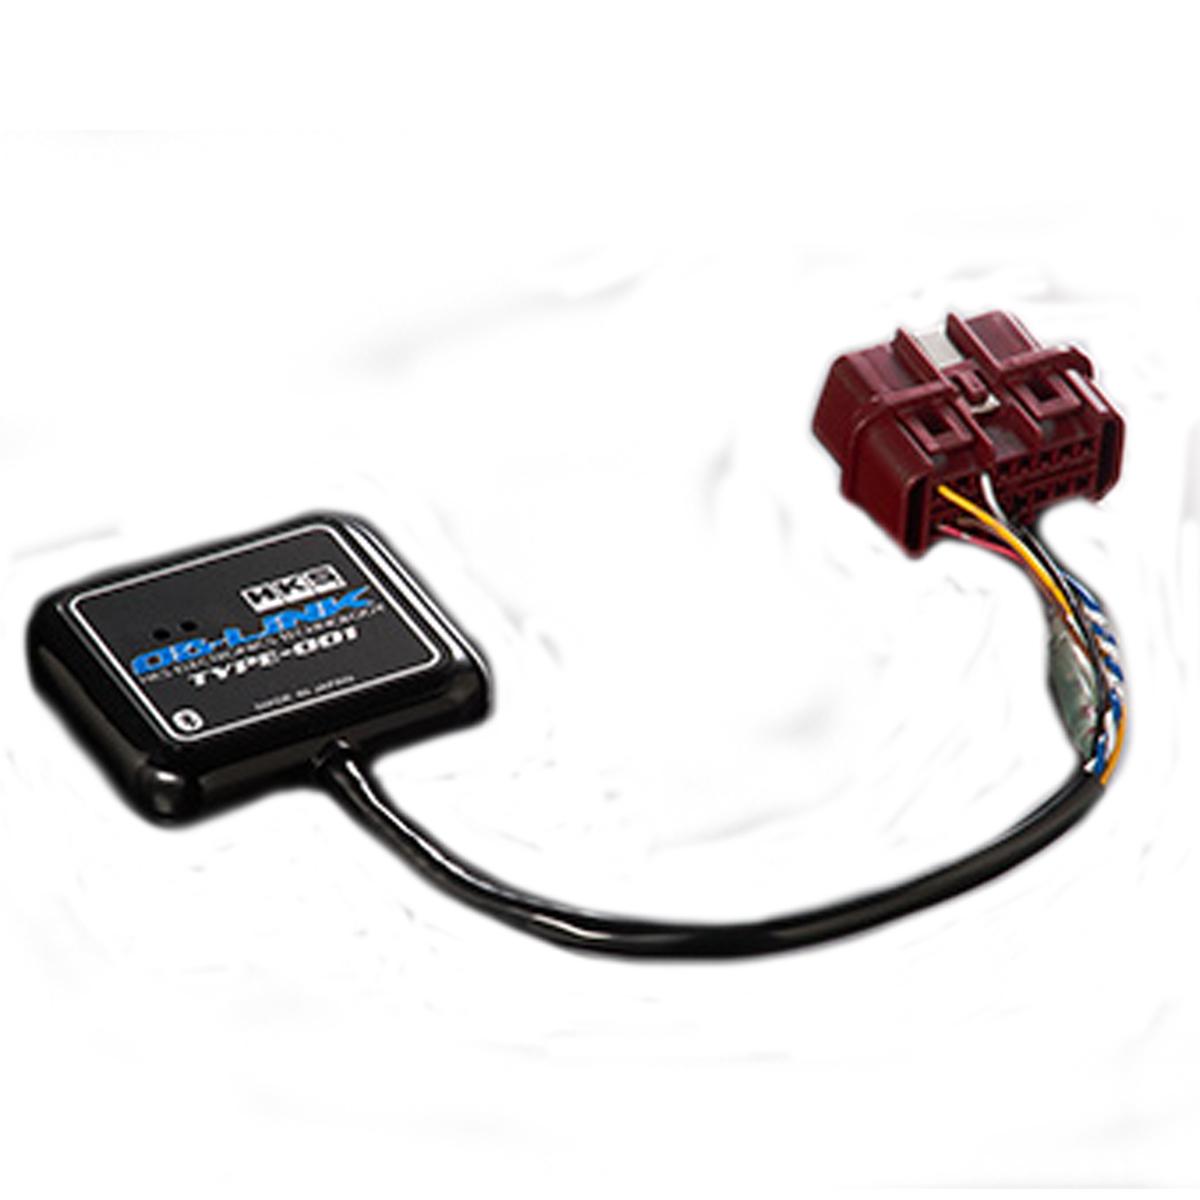 ムーヴ ラテ モニター OBリンク タイプ 001 L550S/L660S HKS 44009-AK002 エレクトリニクス